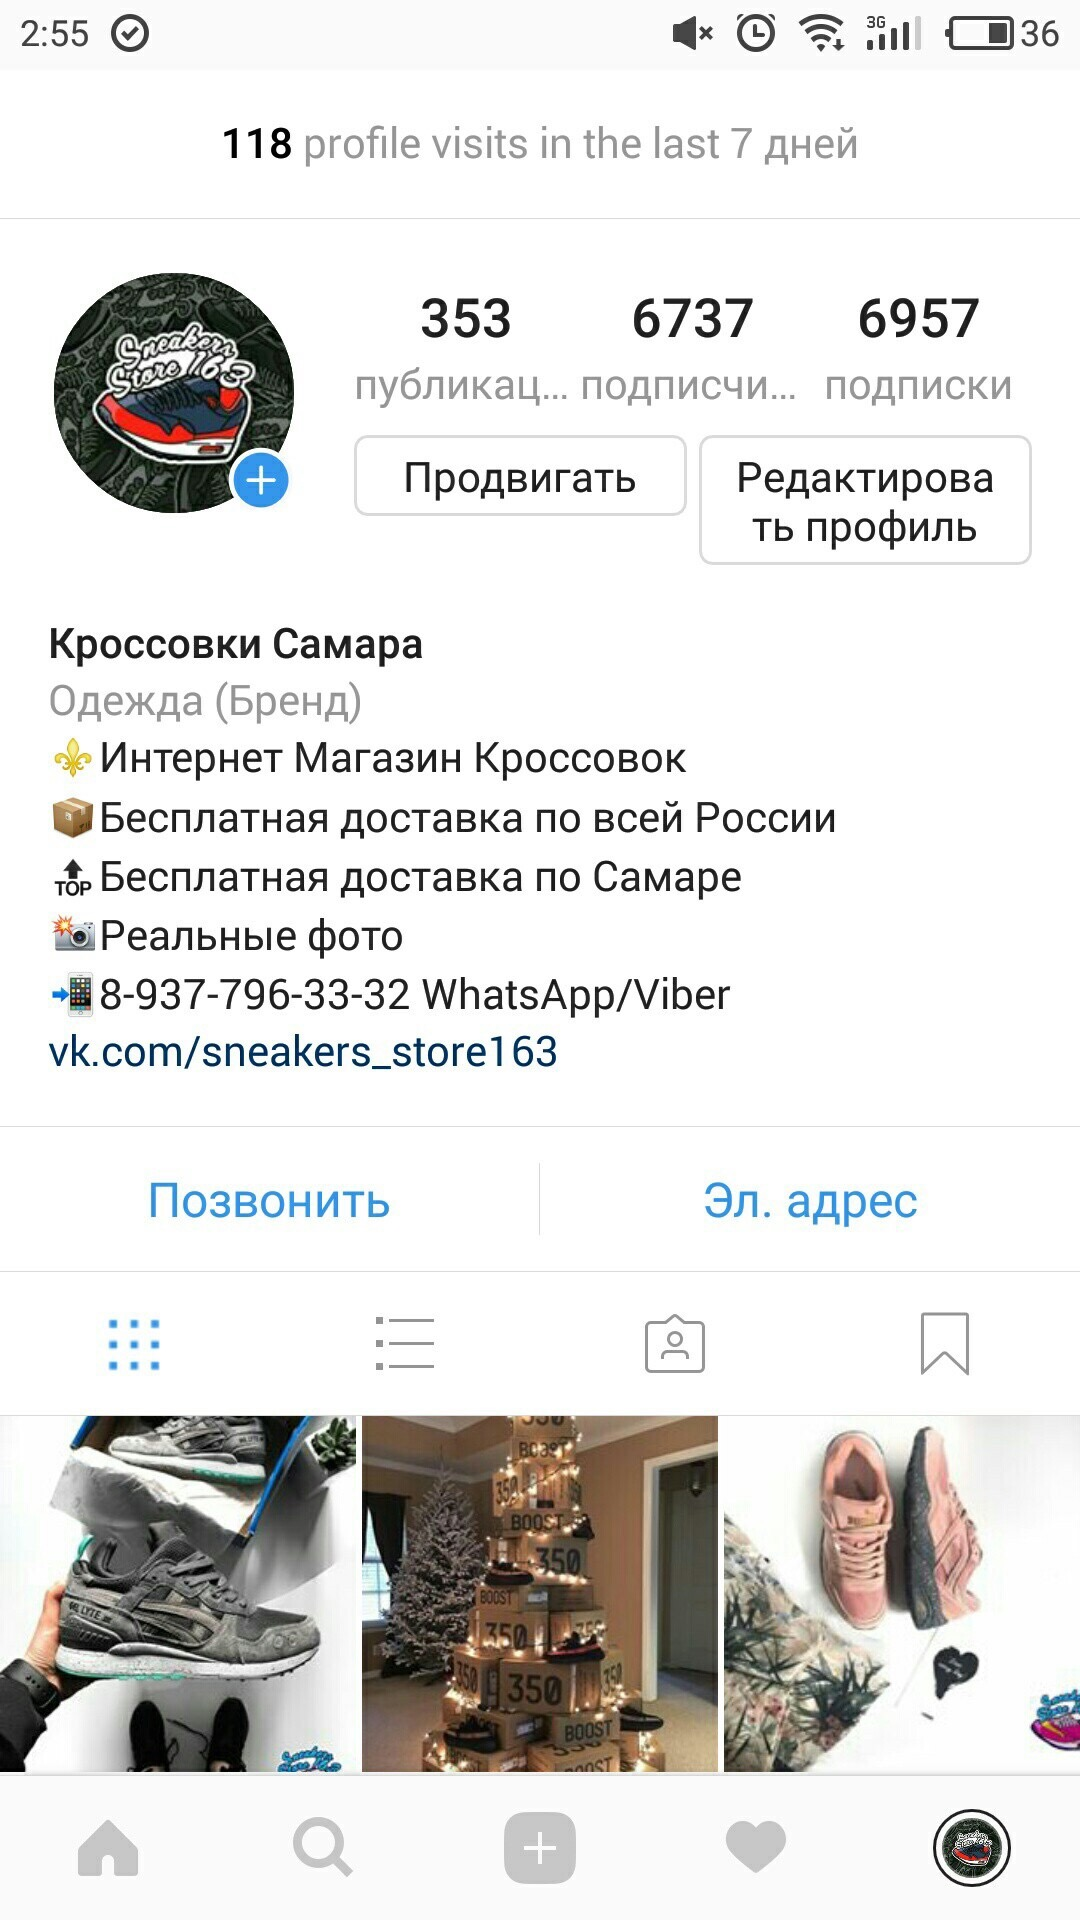 Кейс в Instagram  Продвижение магазина кроссовок с 0 до 190.000₽ в ... b199cd66767c3